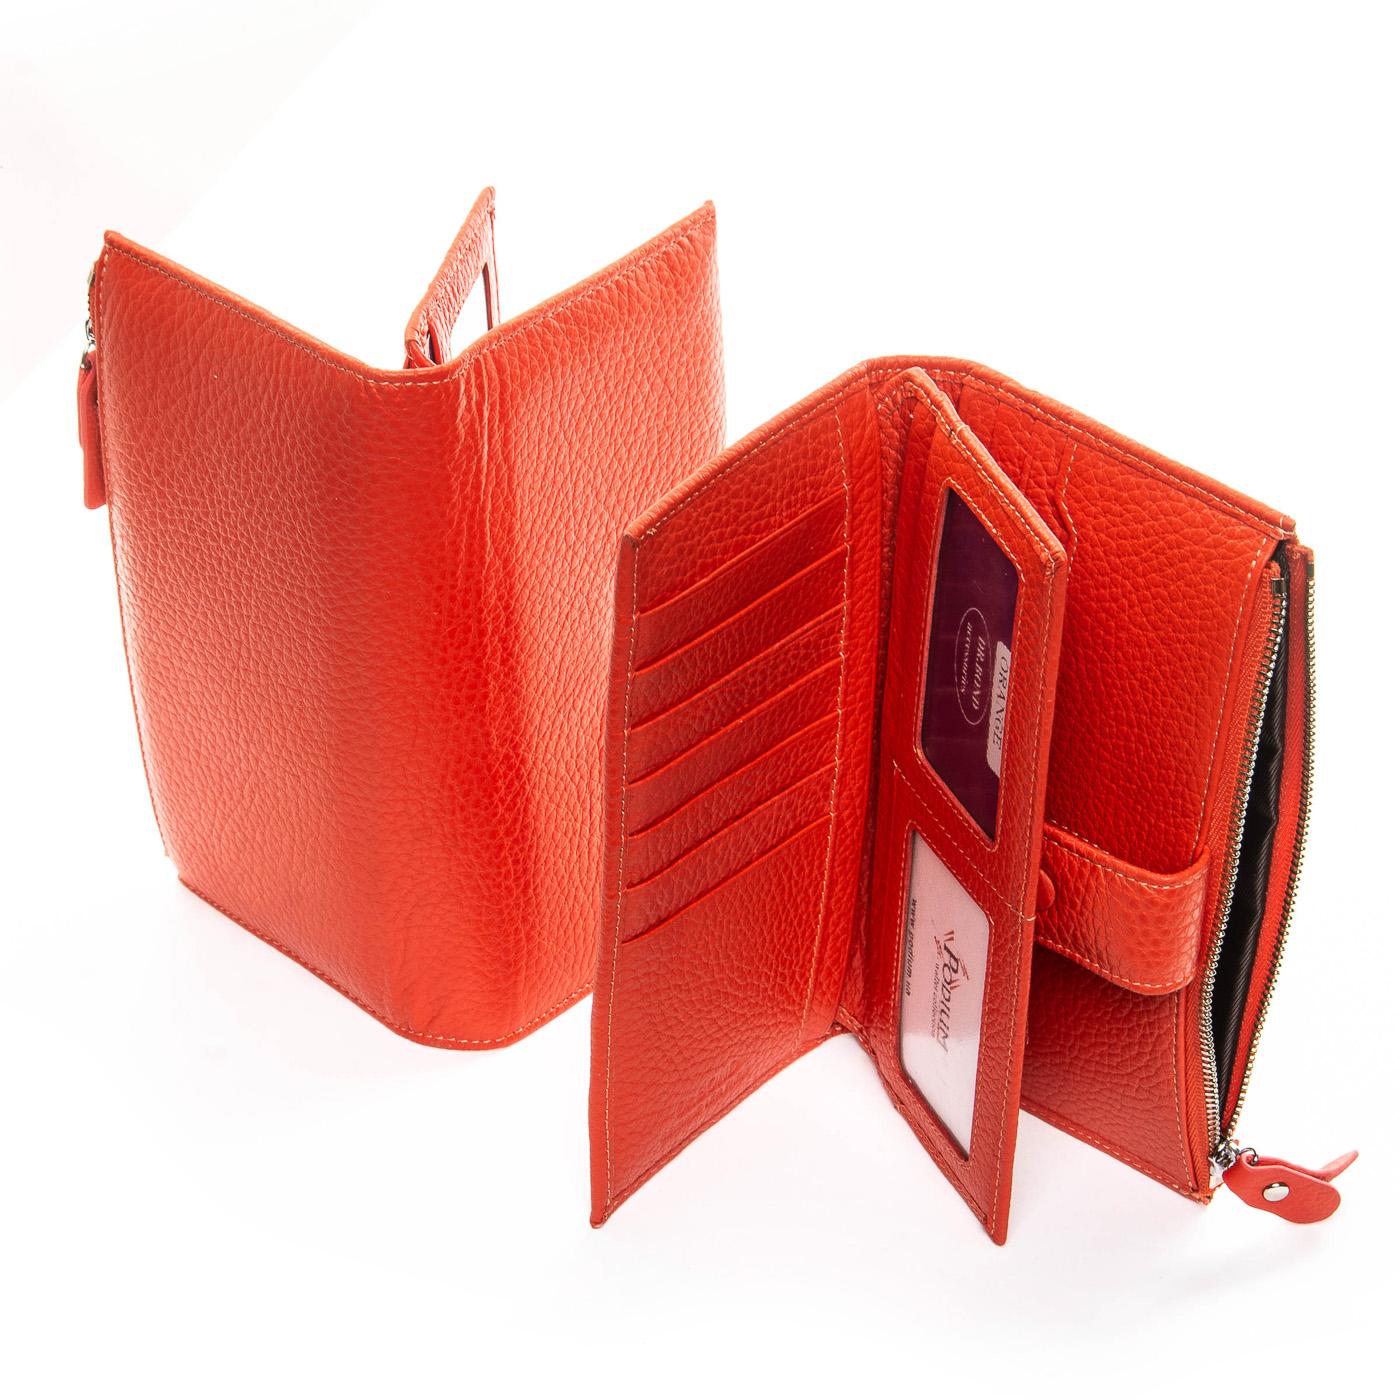 Кошелек Classic кожа DR. BOND WMB-1 orange - фото 4